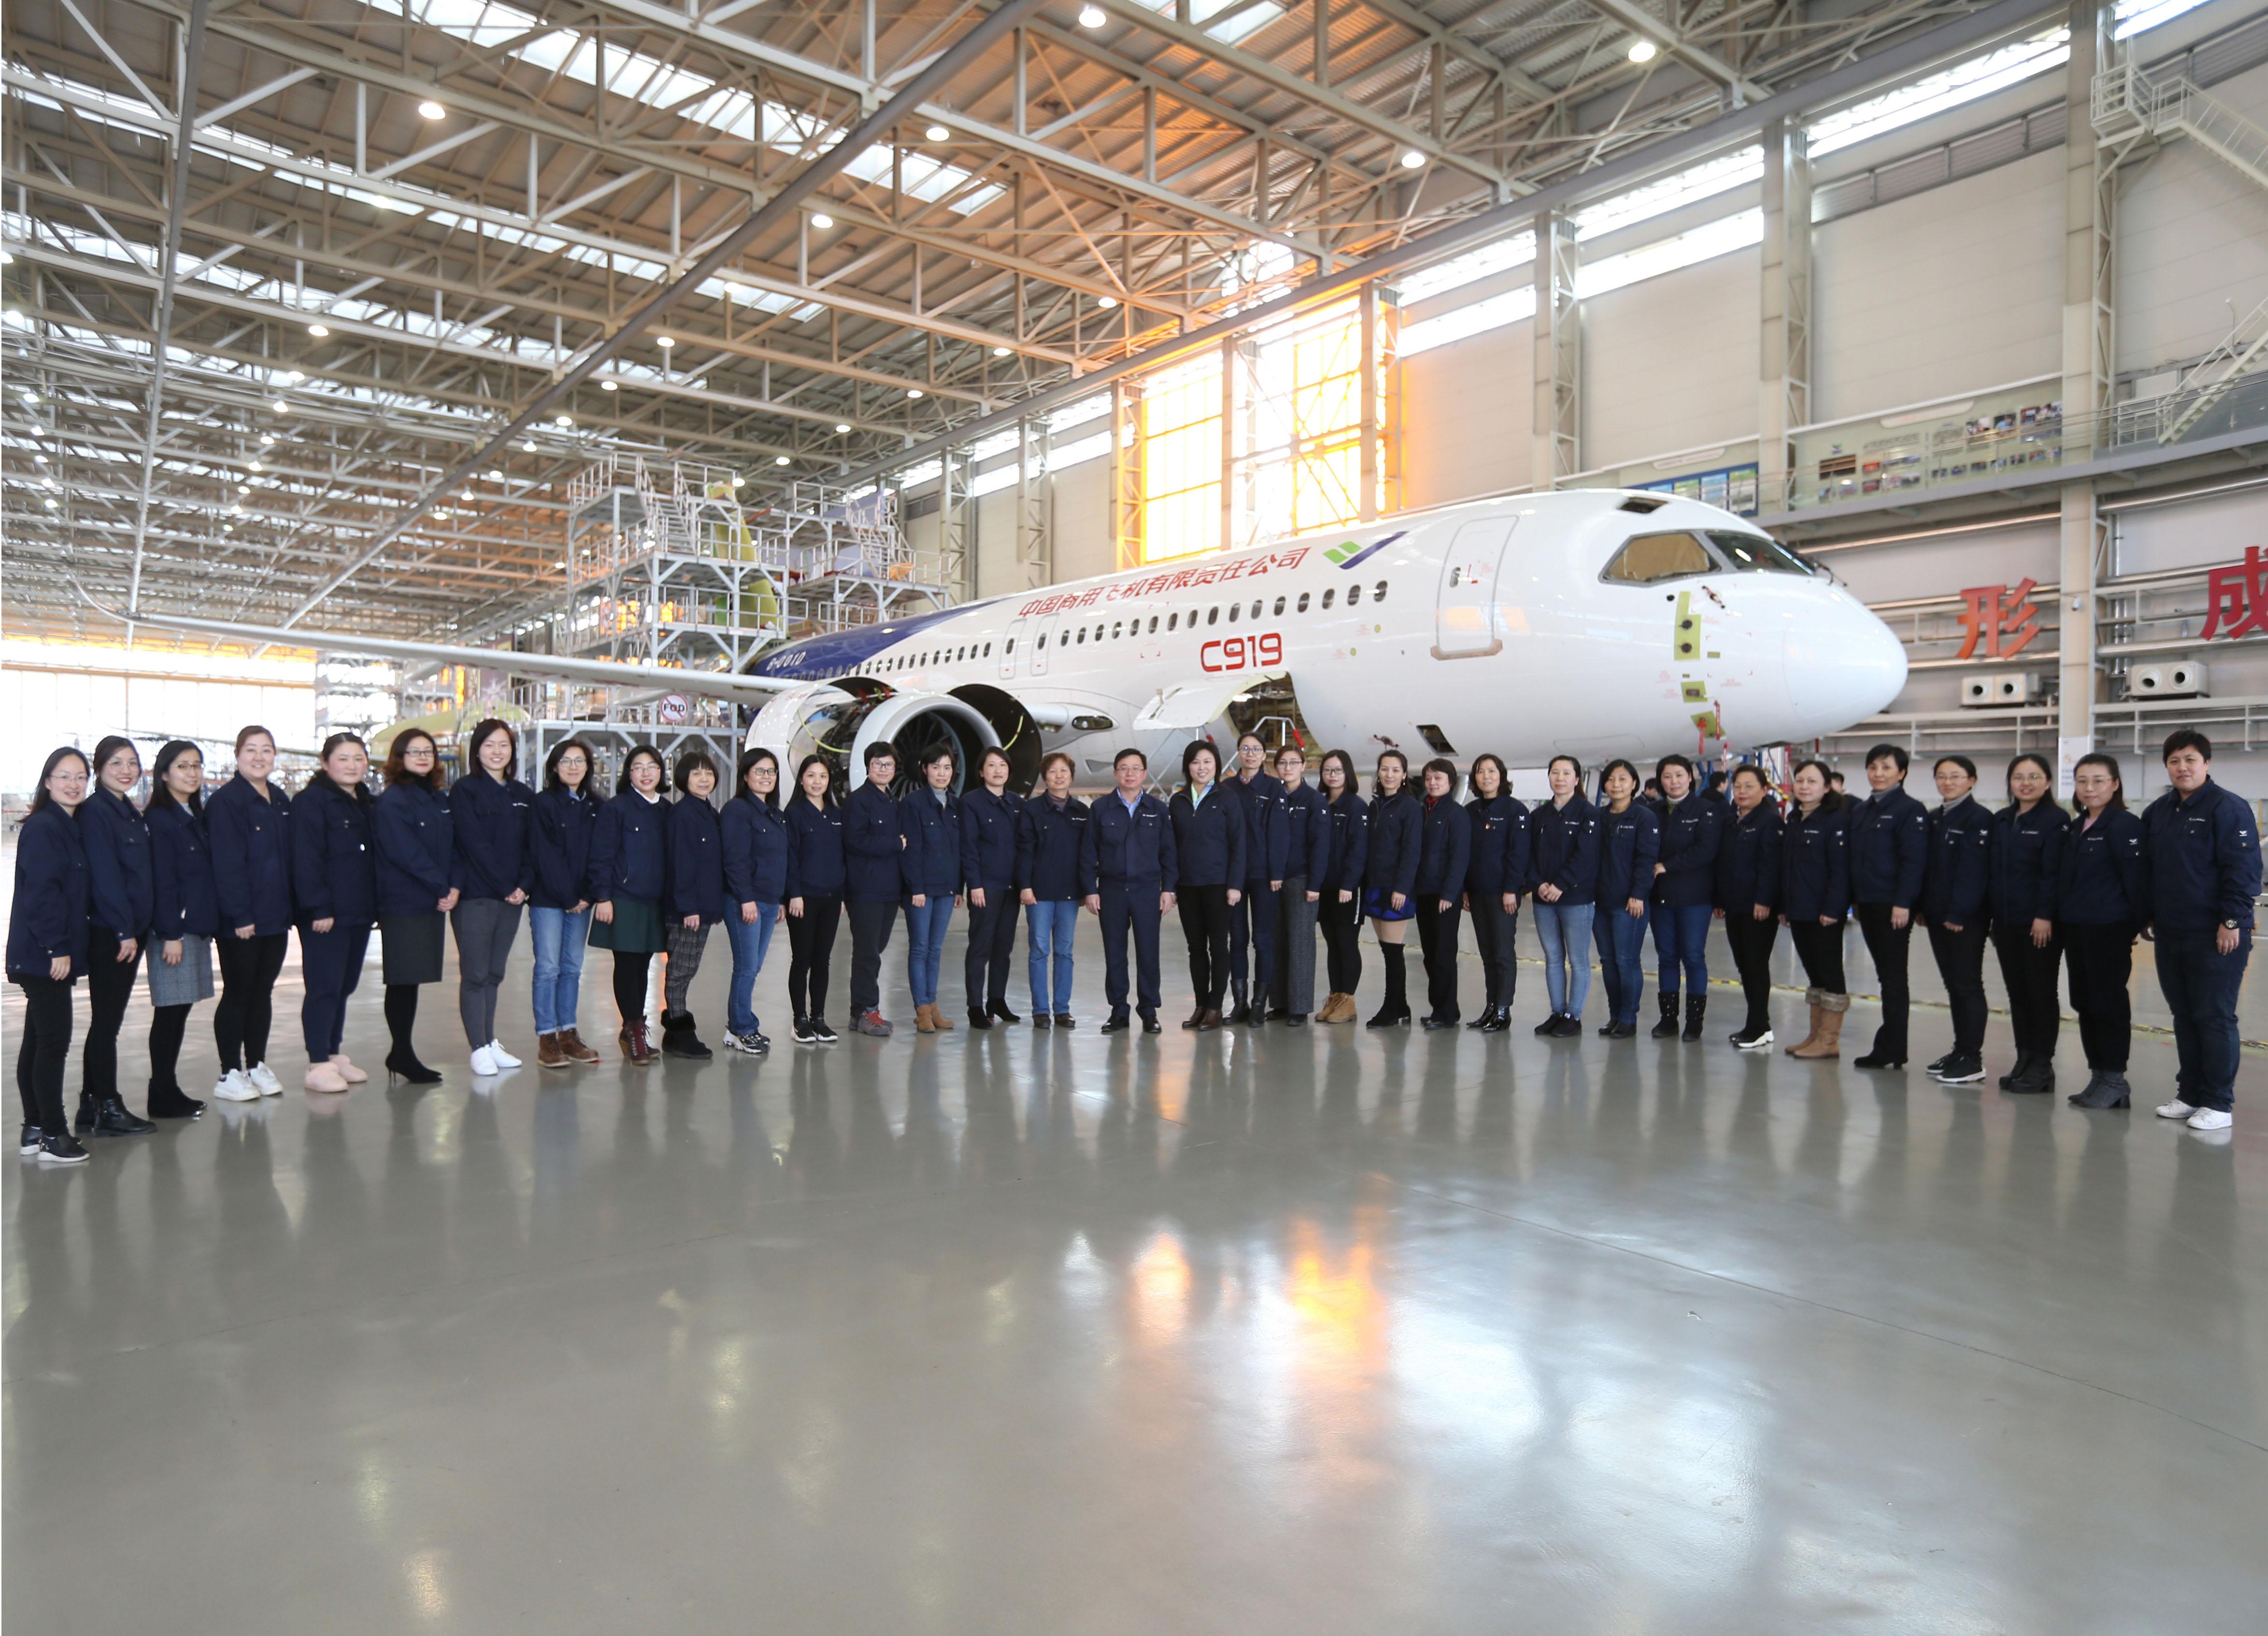 中国人民解放军第5703厂=上海飞机制造厂 - 道客巴巴